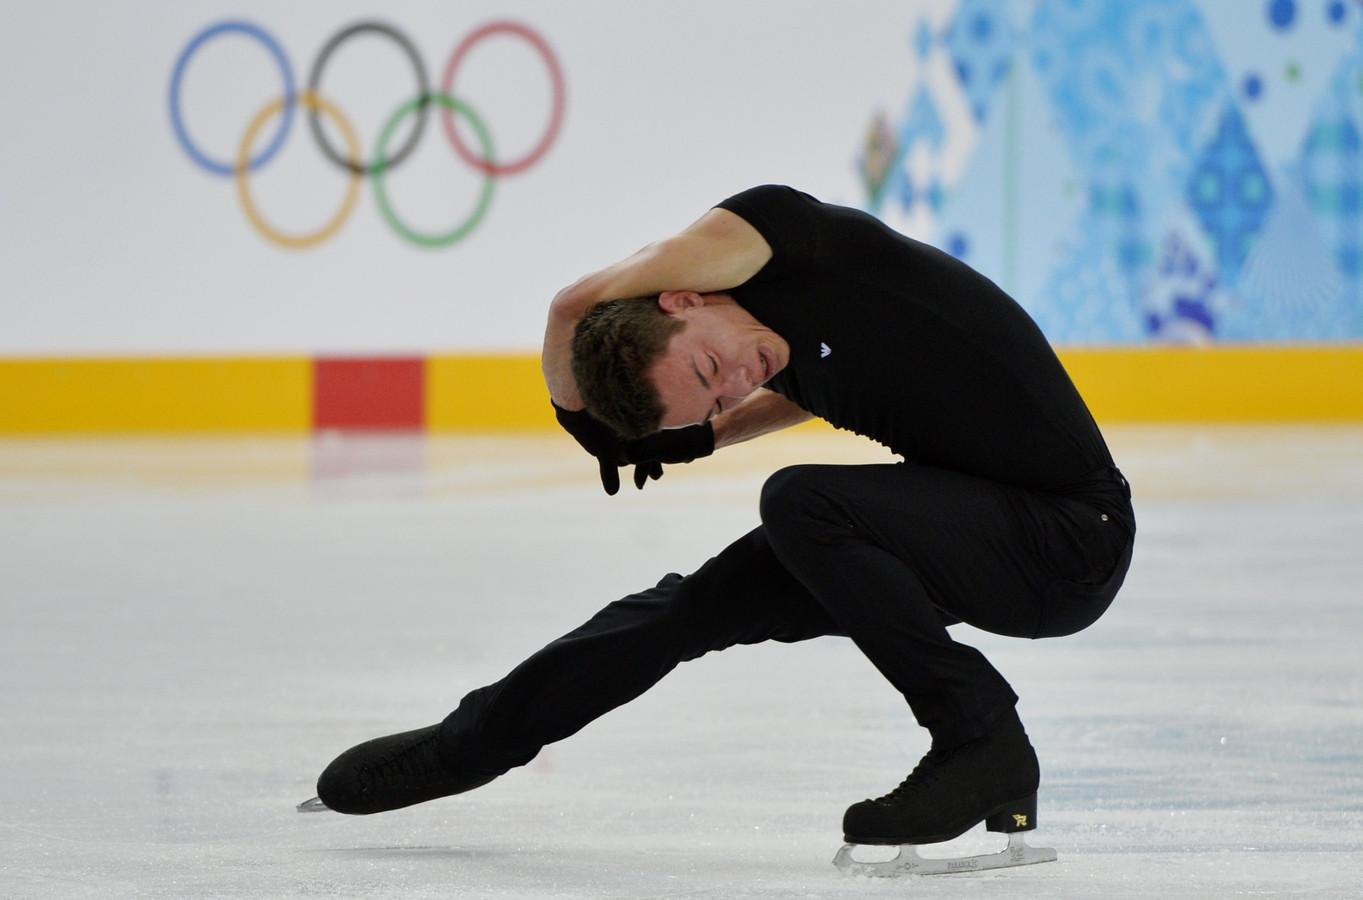 Le patineur artistique Jorik Hendrickx